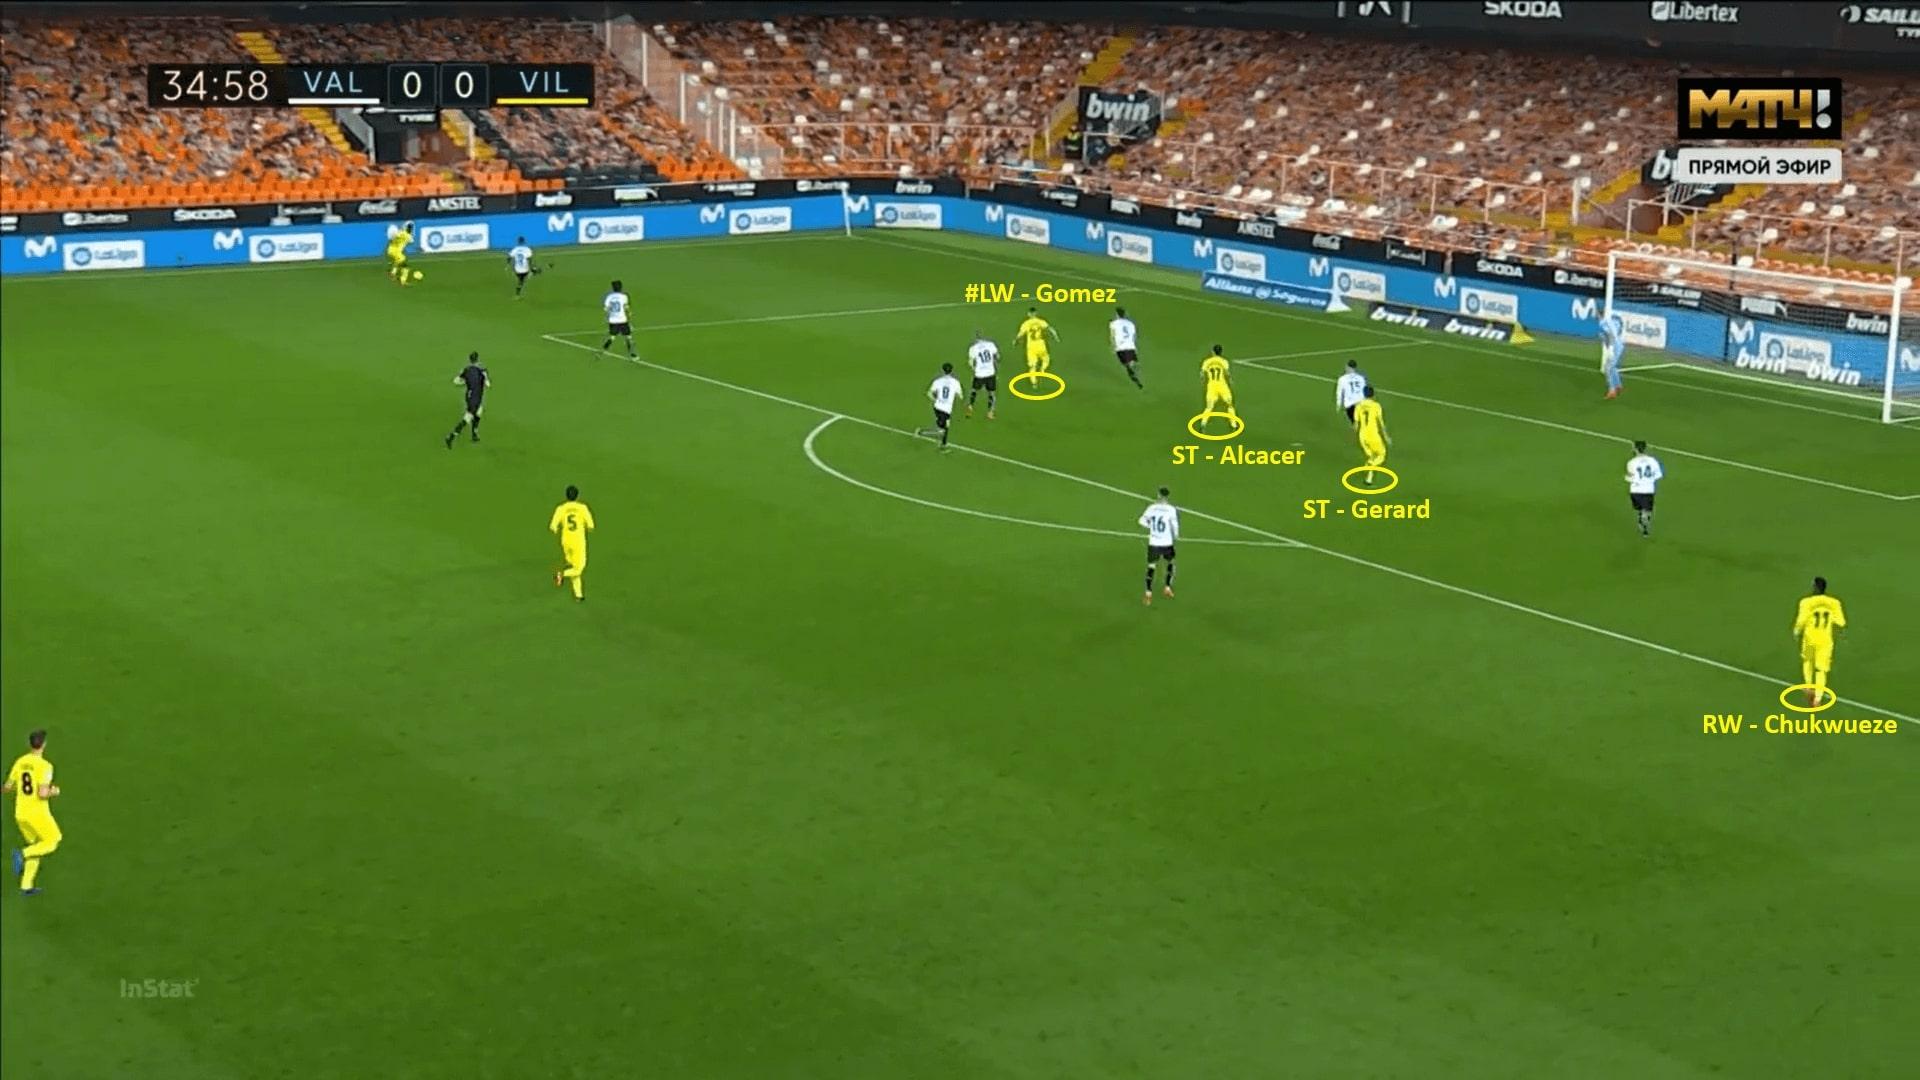 La Liga 2020/21: Valencia vs Villarreal - tactical analysis - tactics